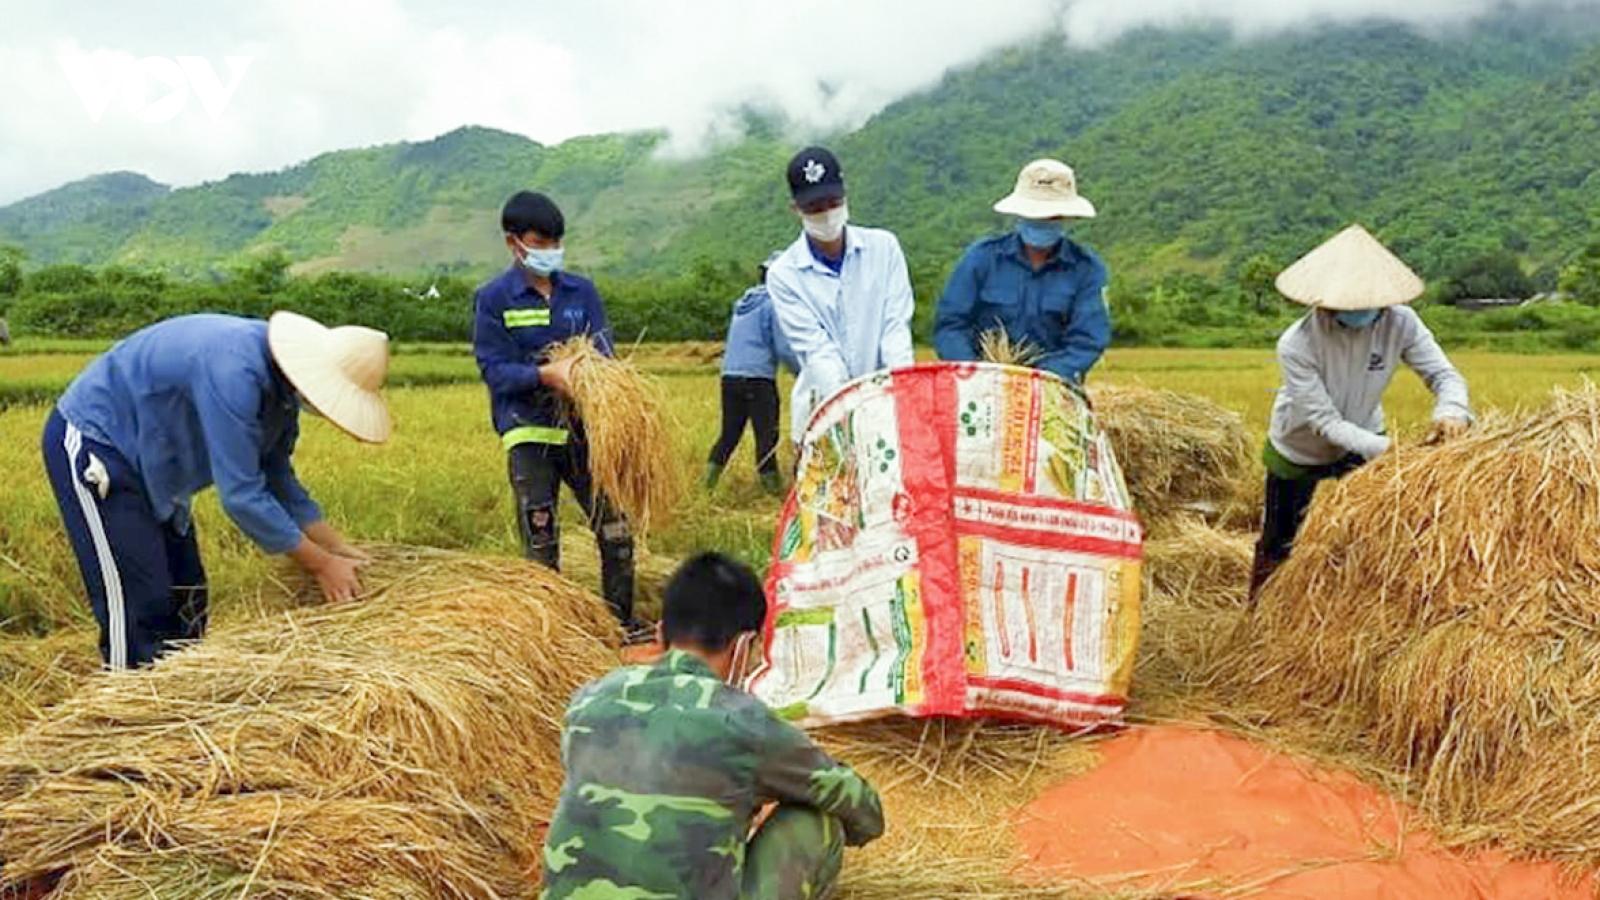 Dân bản bị cách ly tập trung, thanh niên Mường Lay giúp thu hoạch lúa